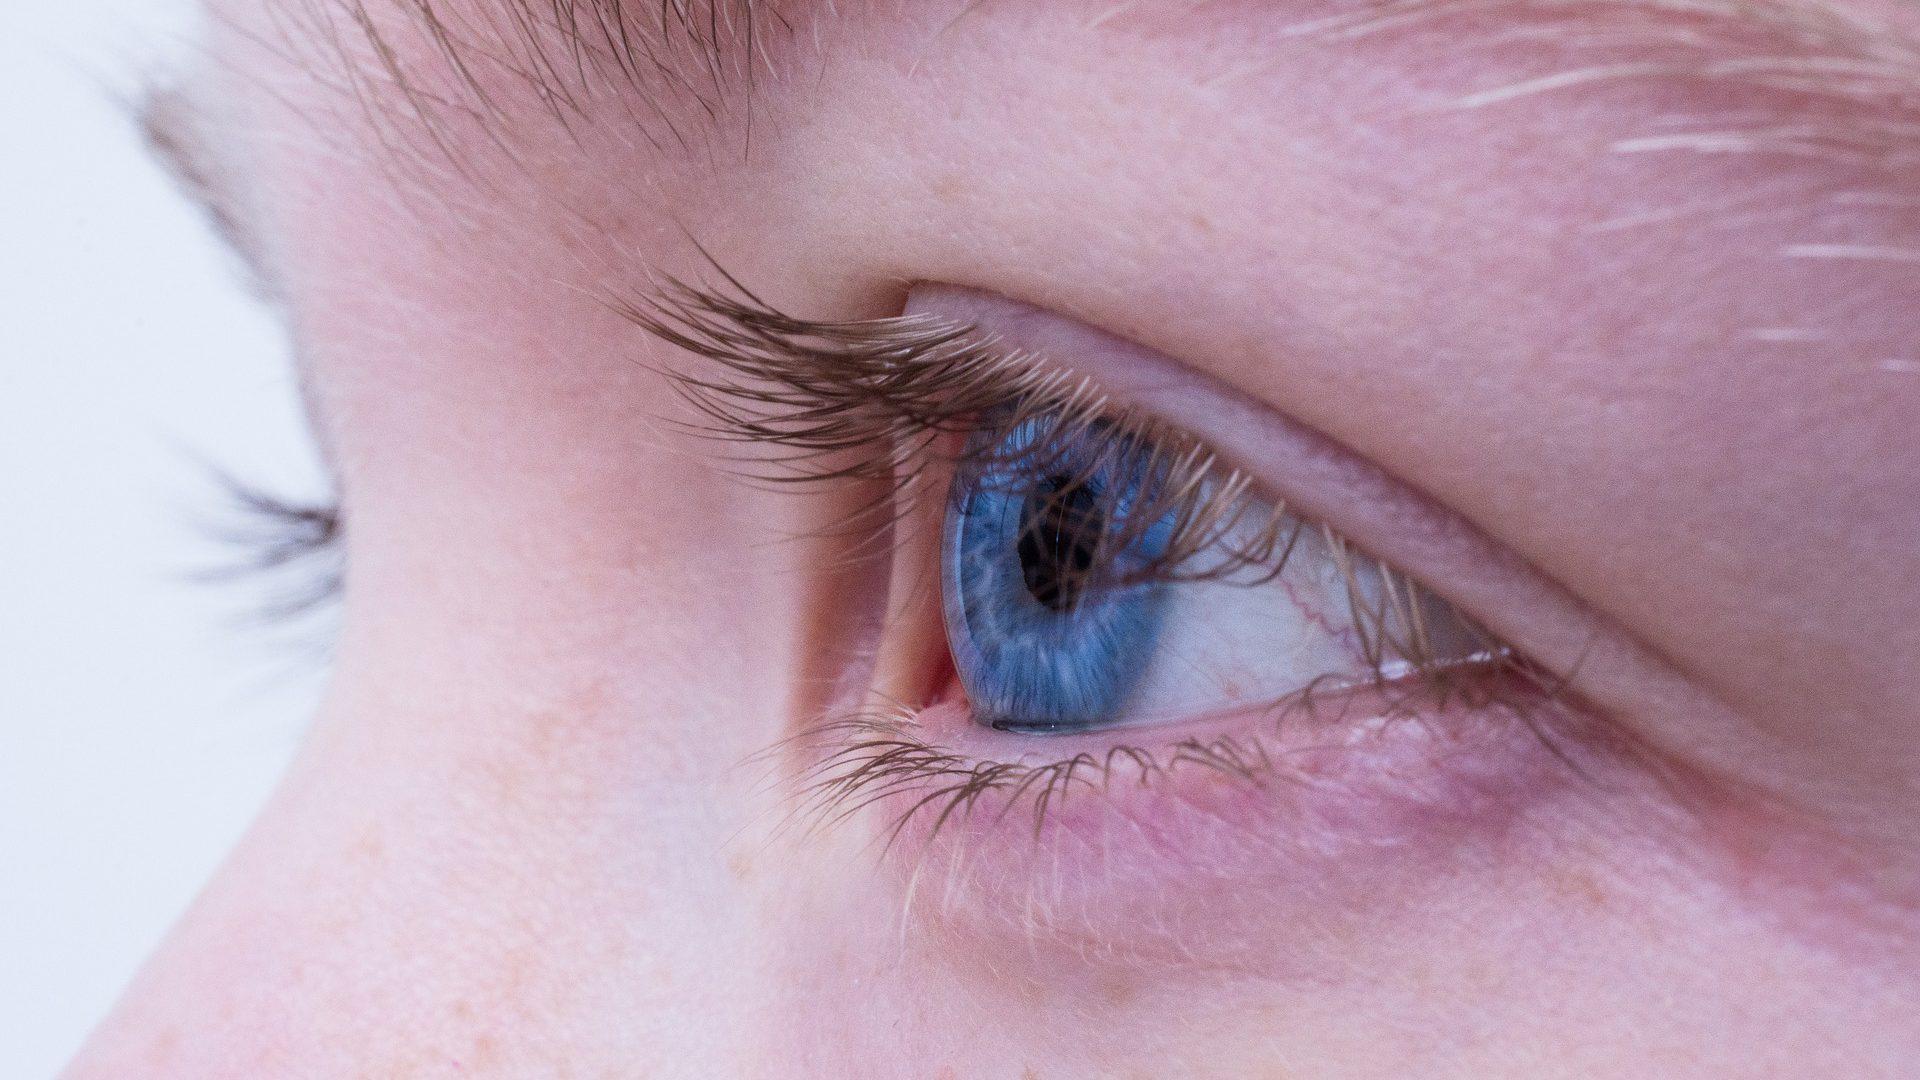 Ponad 40 proc. uczniów ma problemy ze wzrokiem